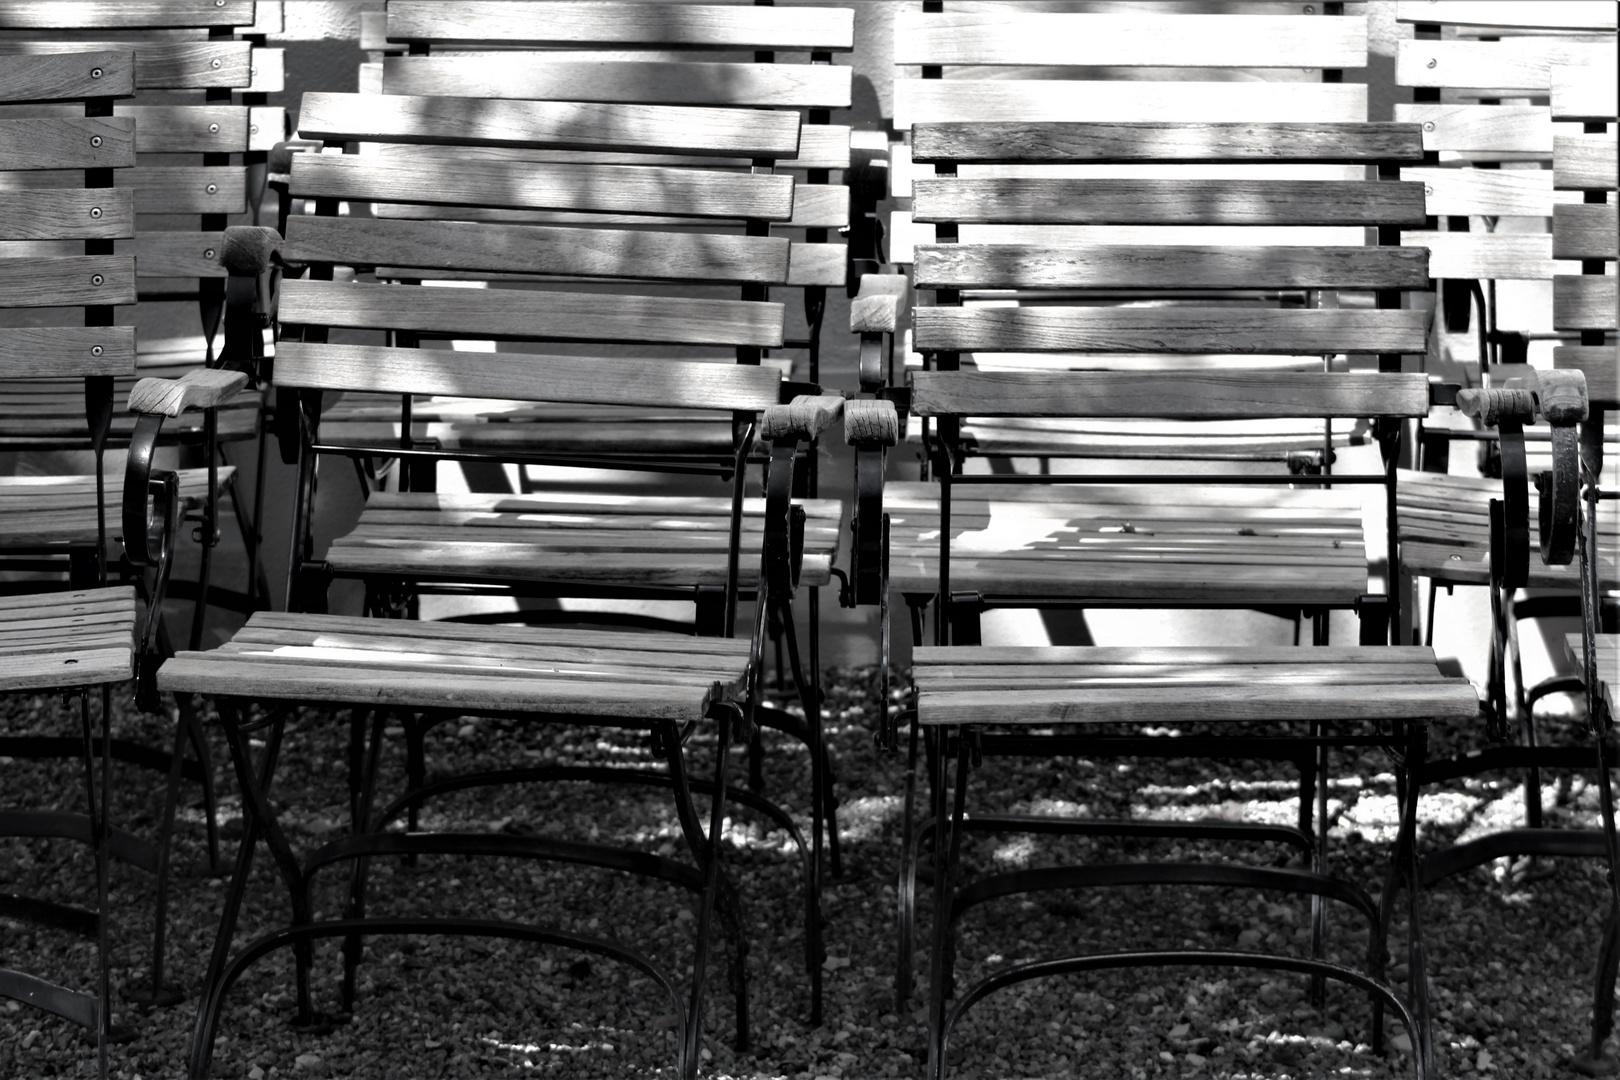 manch ein Stuhl bleibt noch leer,